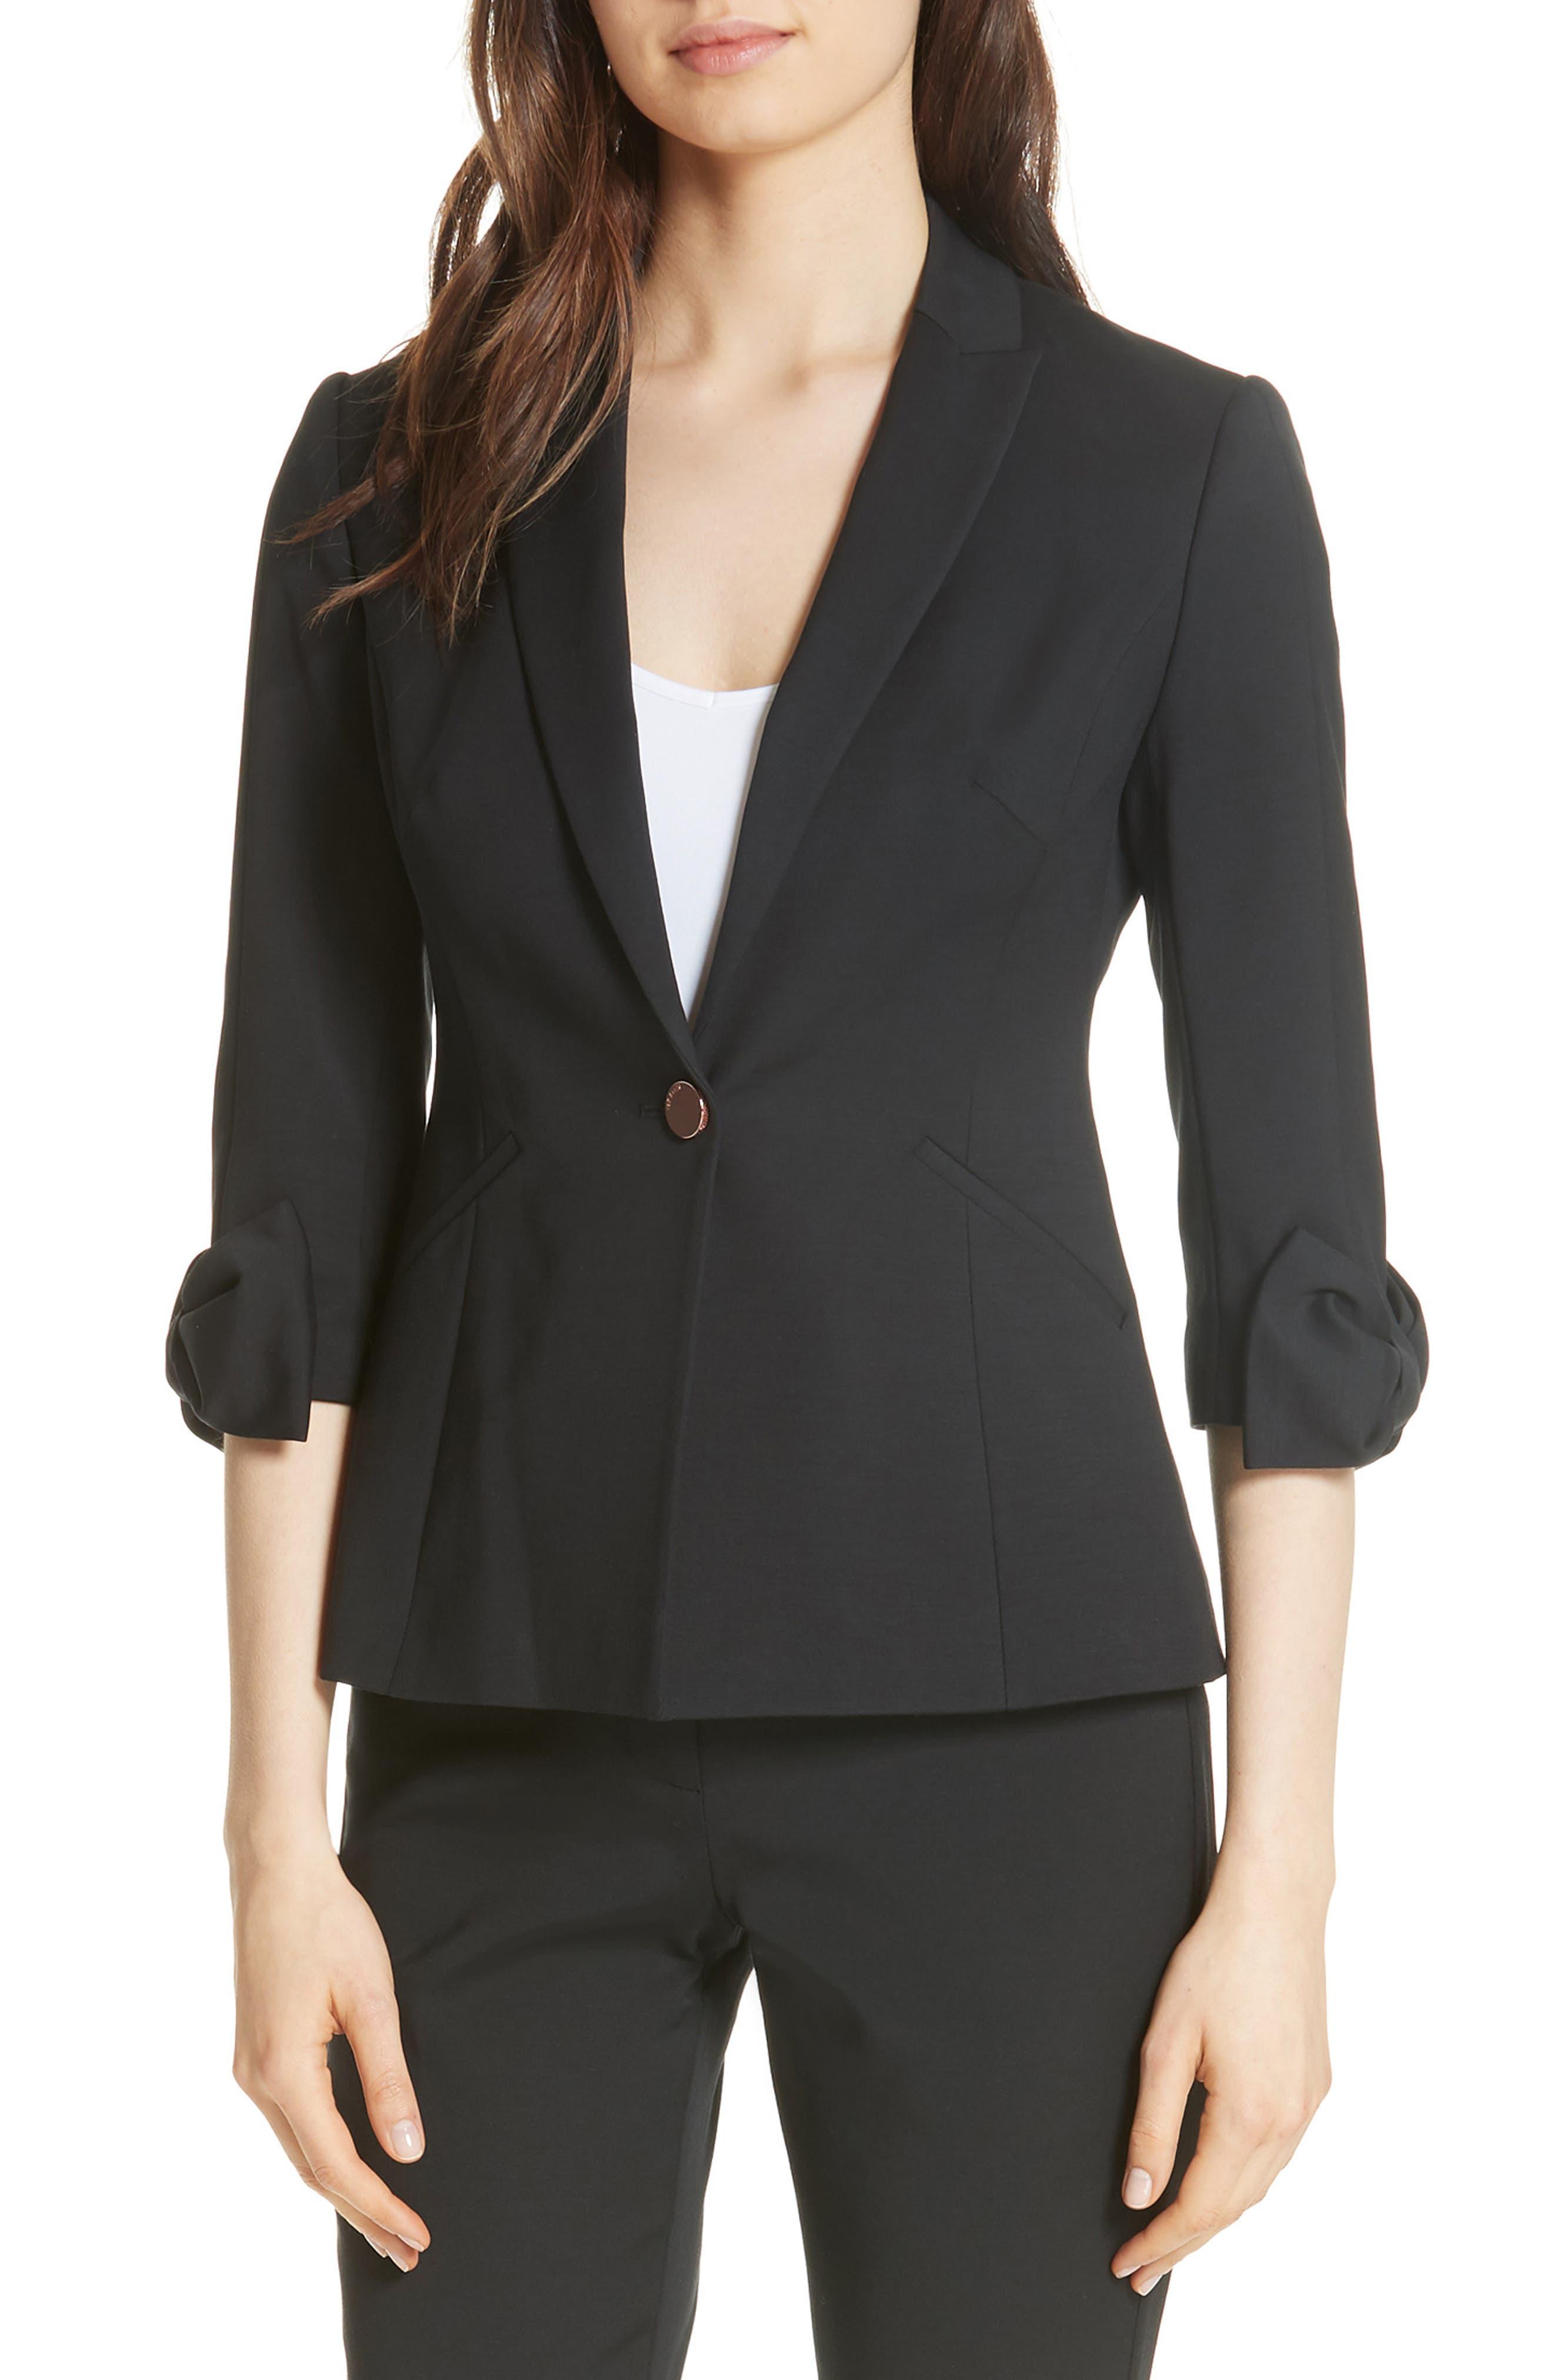 Toply Bow Cuff Jacket,                             Main thumbnail 1, color,                             BLACK